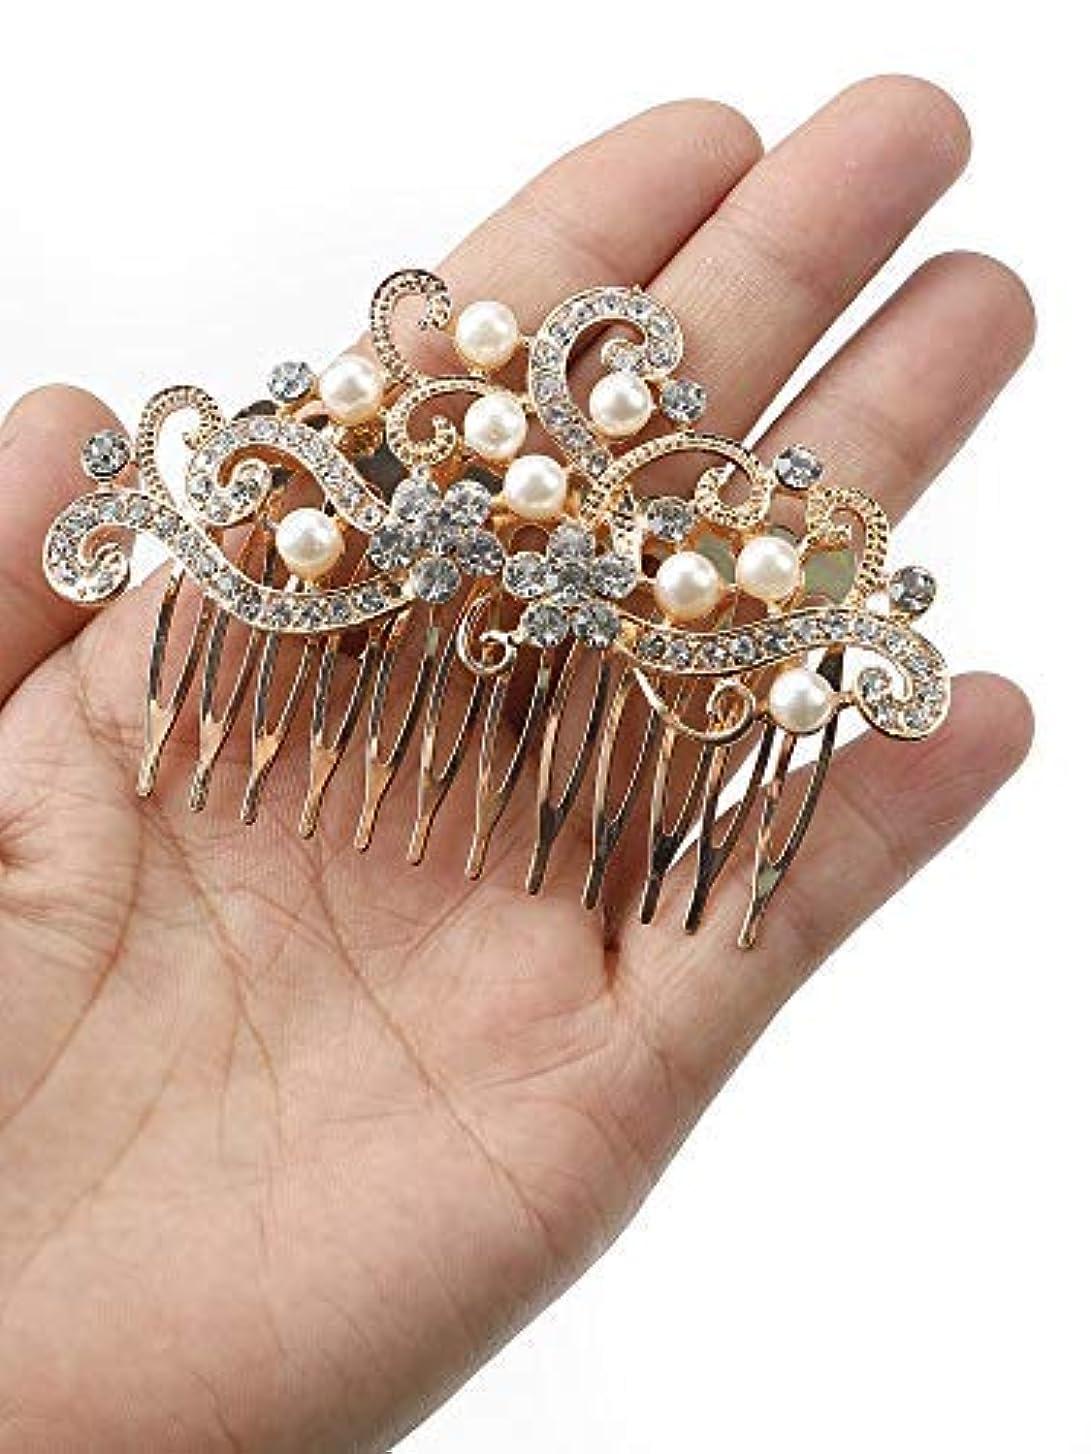 思い出デッド比較的FXmimior Bridal Women Vintage Wedding Party Crystal Rhinestone Vintage Hair Comb Hair Accessories (GOLD) [並行輸入品]